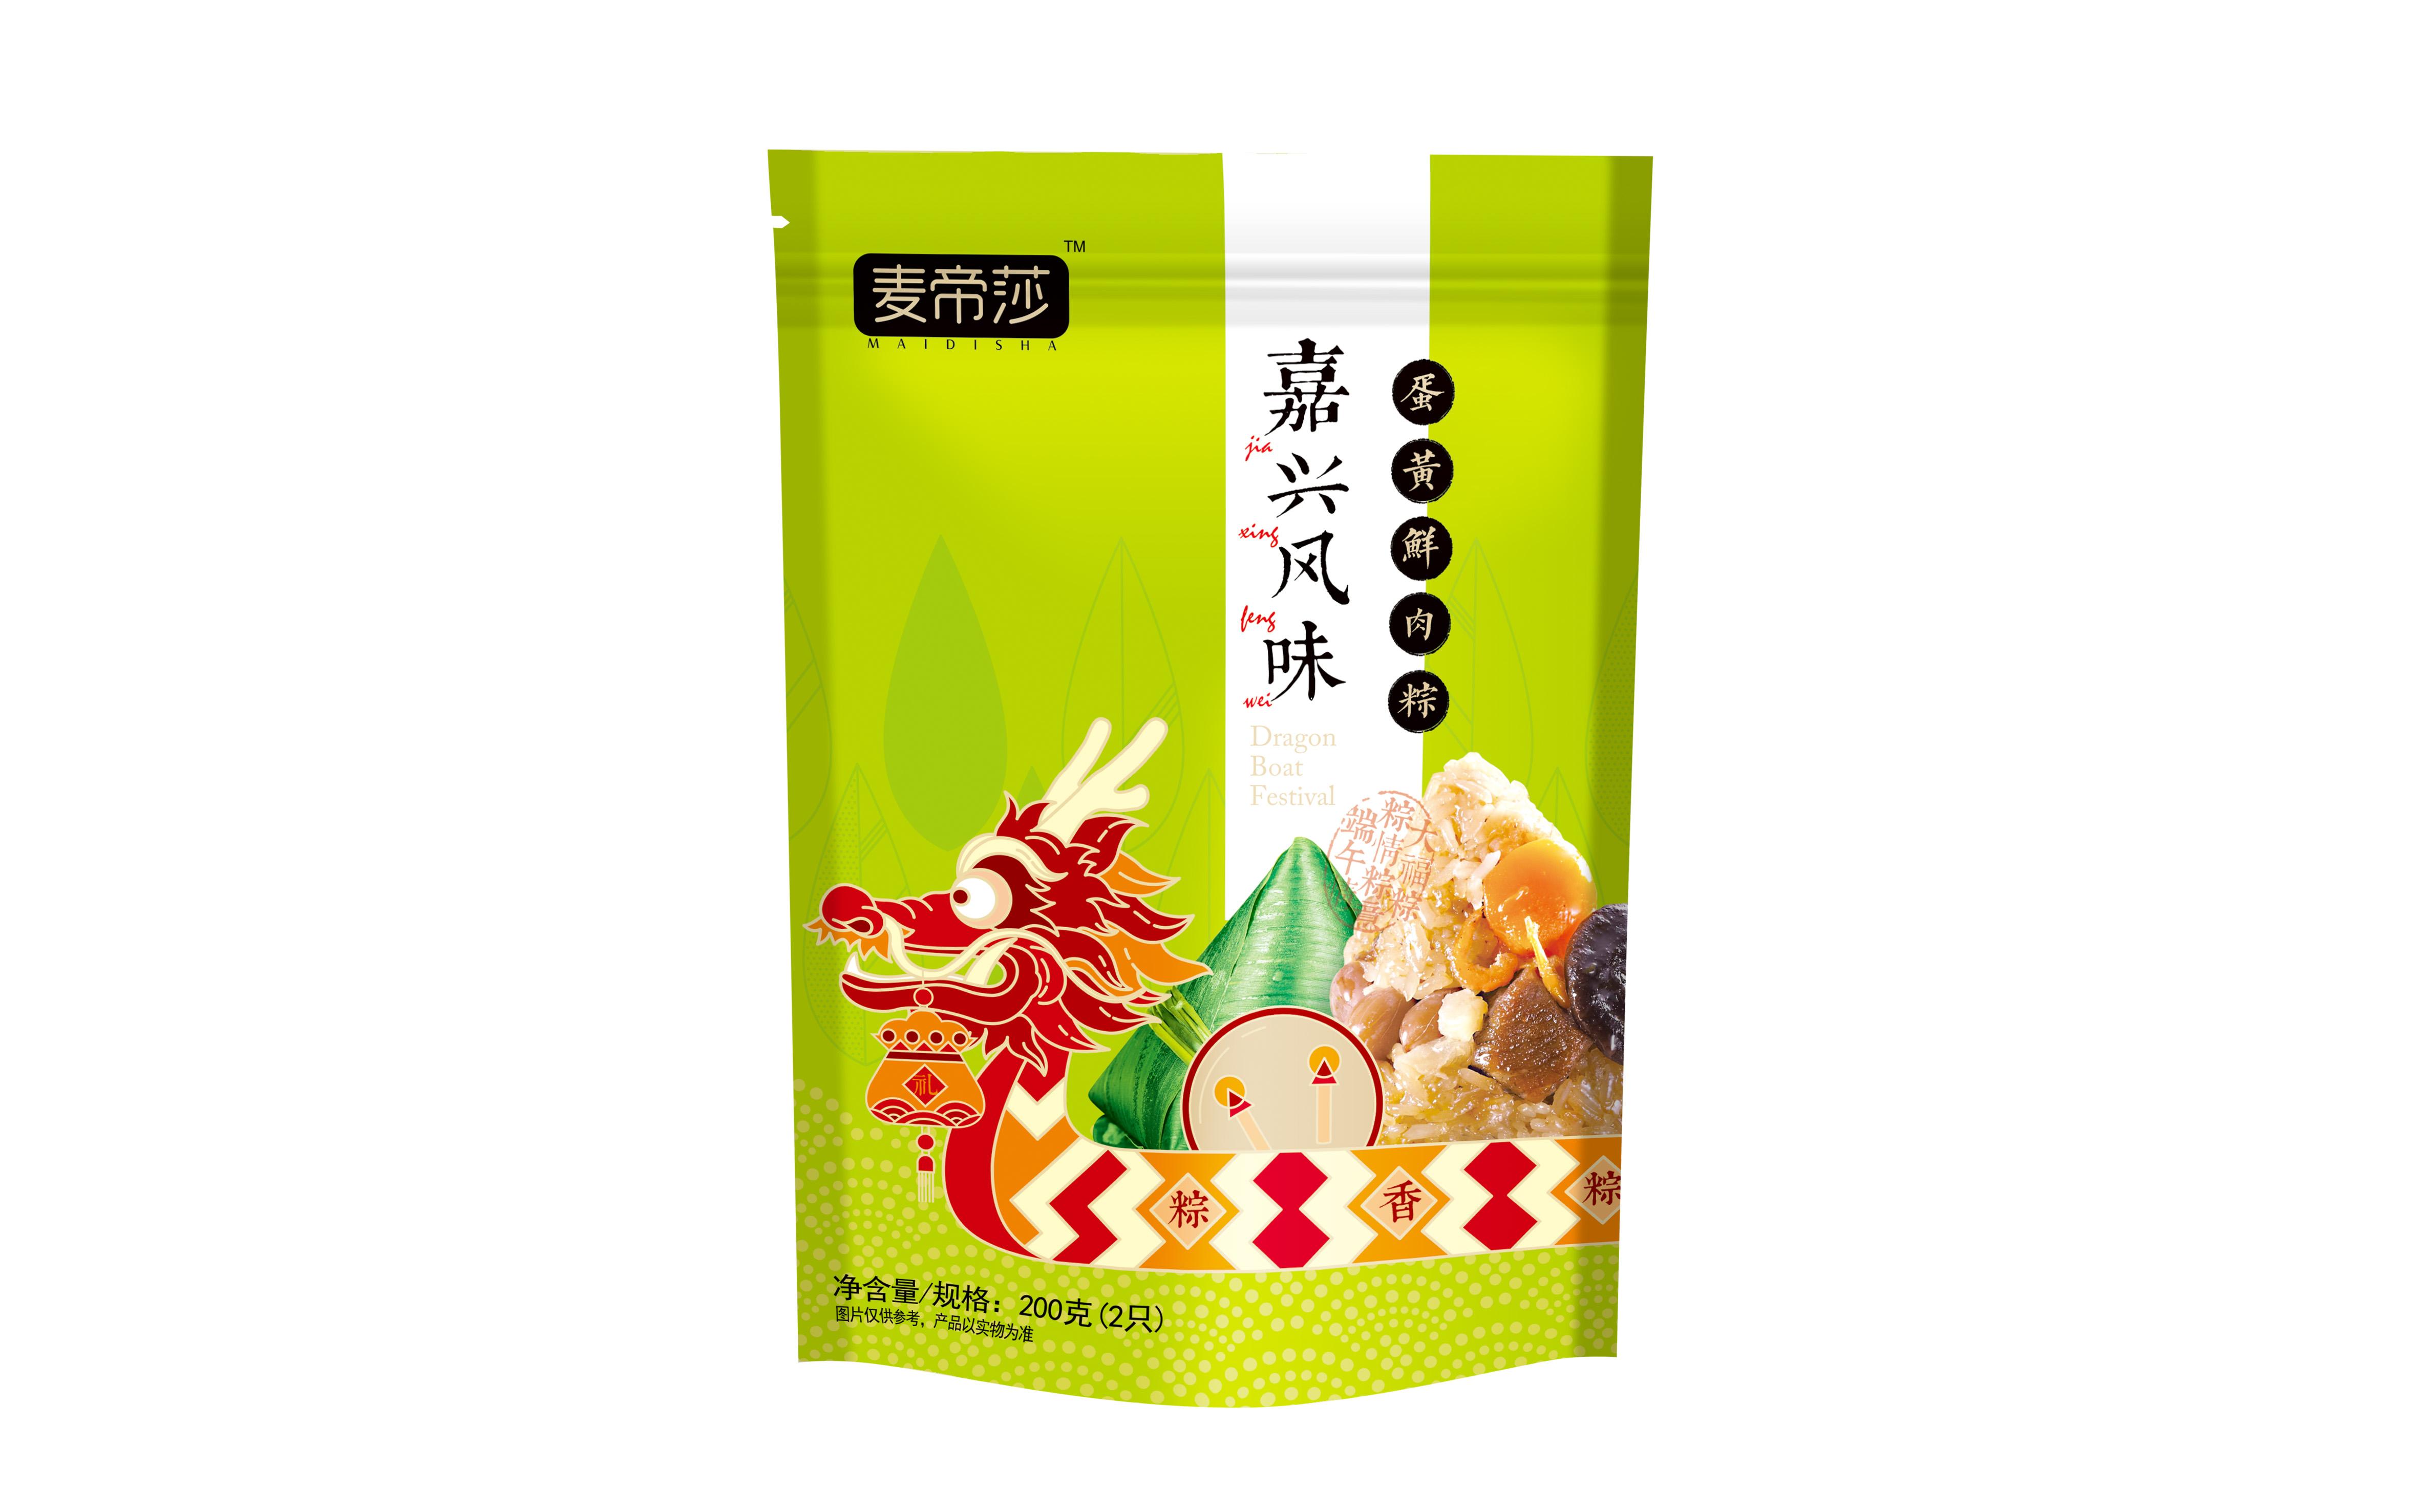 天慧创意包装设计餐饮零食农业副食包装袋设计瓶贴标贴手提袋设计